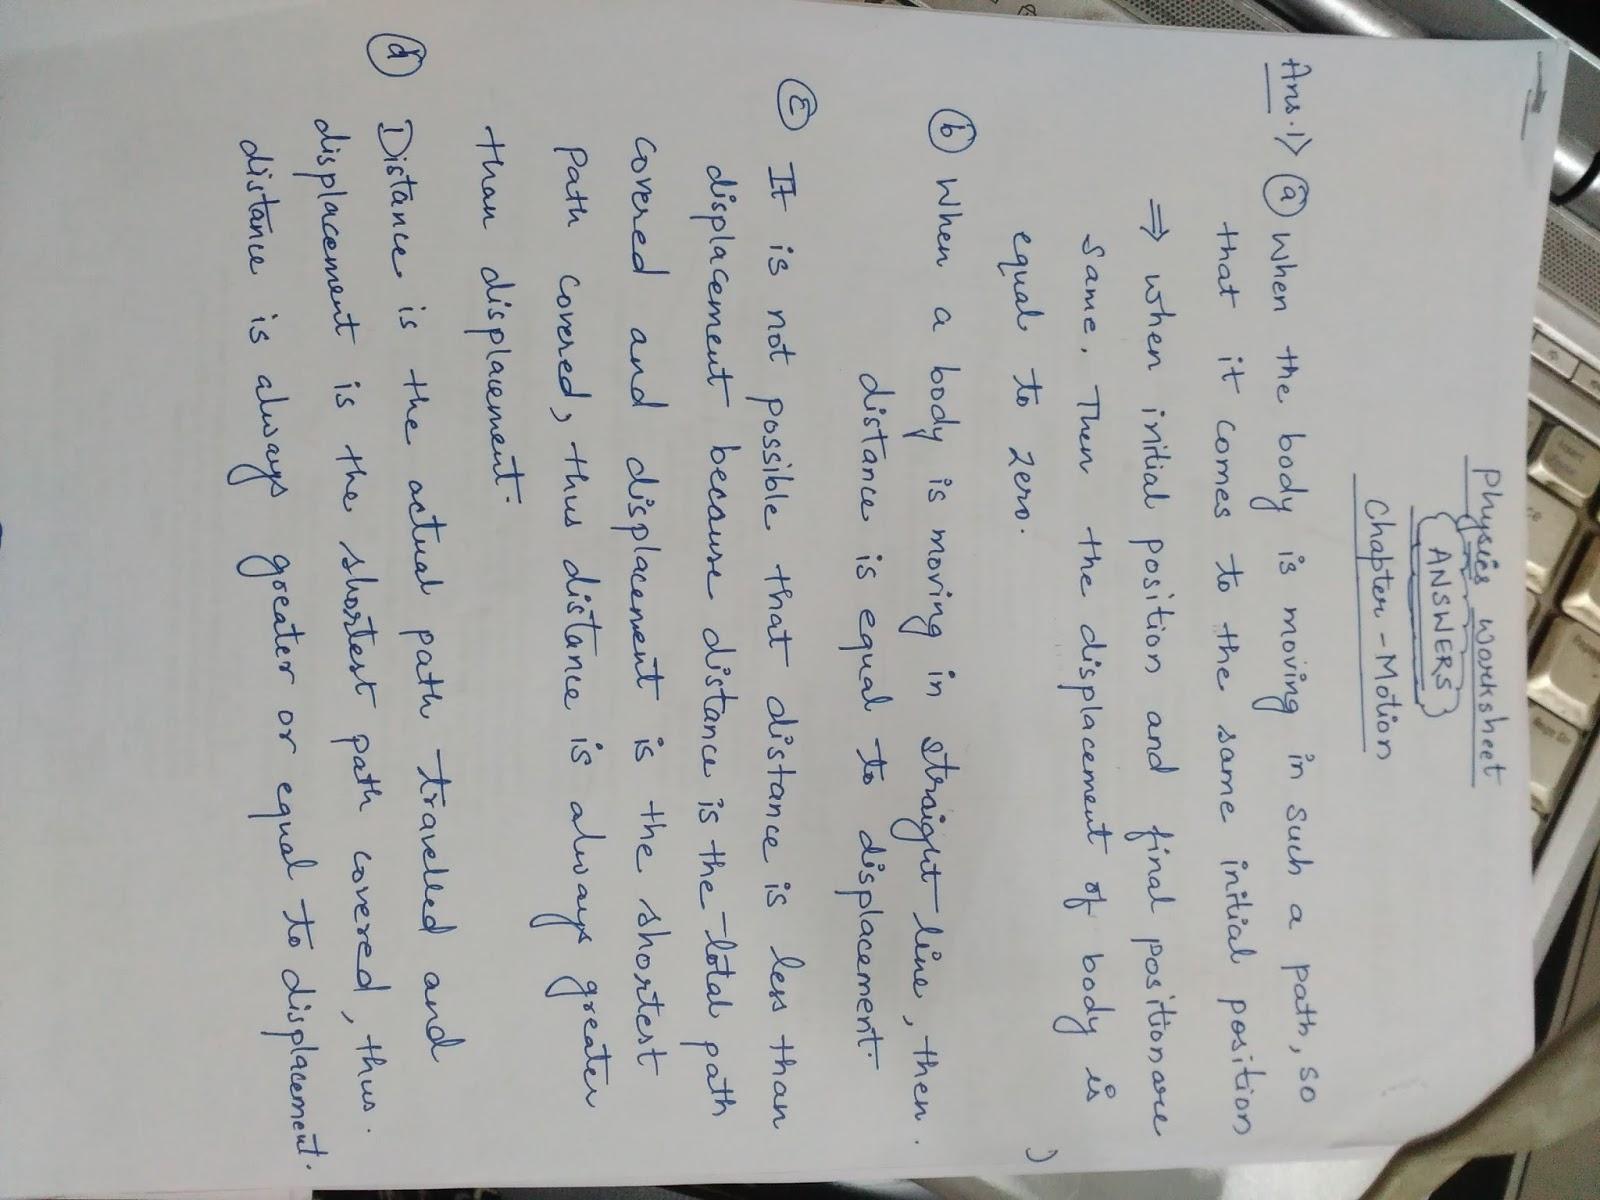 APS, Golconda | Priyanka Gupta: CLASS 9--PHYSICS REVISION